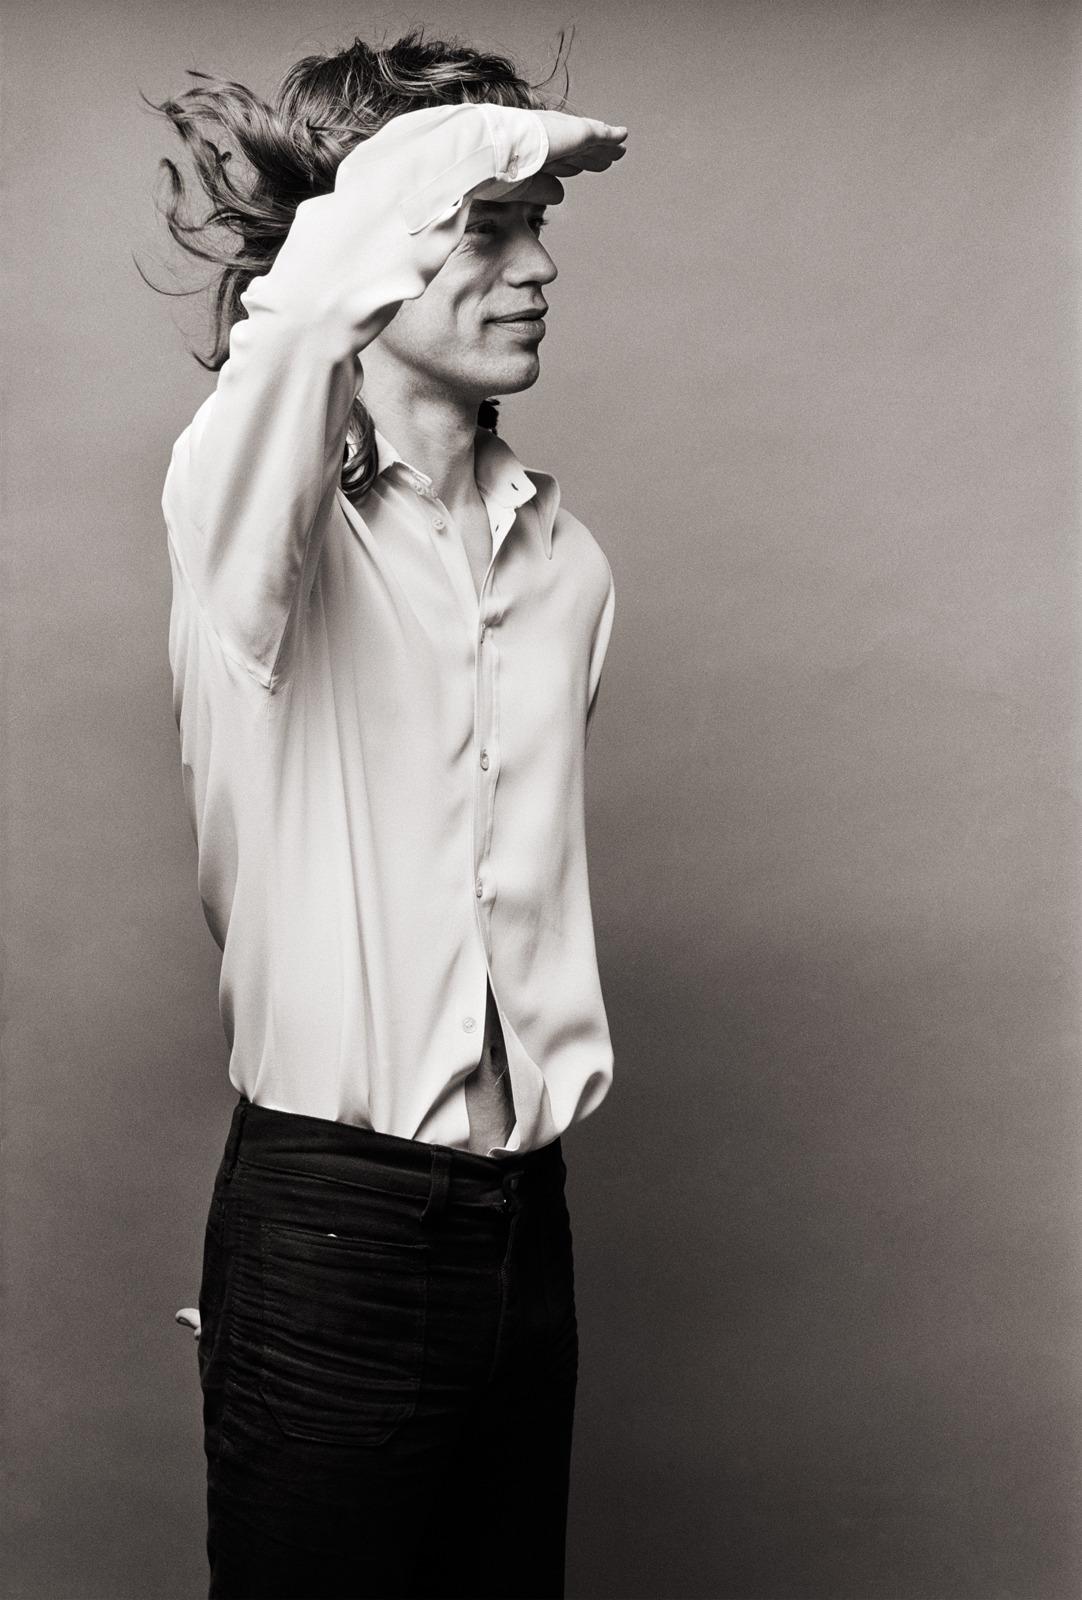 Mick Jagger 1972